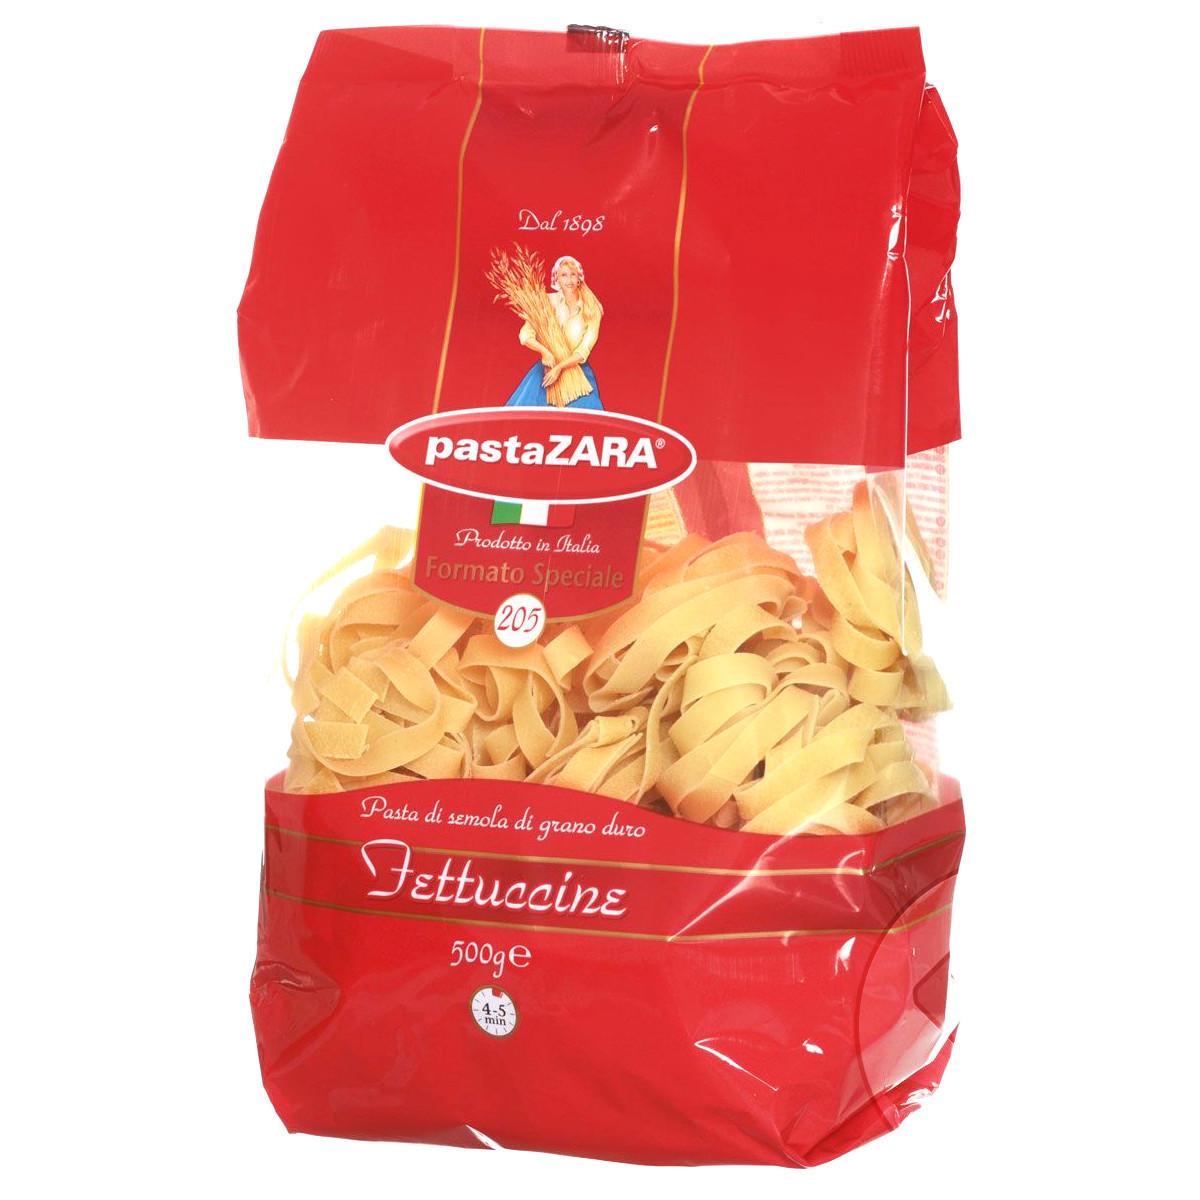 Pasta Zara Клубки яичные широкие Fettuccine макароны, 500 г8004350231055Макаронные изделия Pasta Zara — одна из самых популярных марок итальянских макаронных изделий в России. Продукция под торговой маркой Паста Зара сочетает в себе современность технологий производства и традиционное итальянское качество. Макаронные изделия этой марки представлены более чем в 80 странах мира.Макароны Pasta Zara выпускаются в Италии с 1898 года семьёй Браганьоло уже в течение четырёх поколений. Это семейный бизнес, который вкладывает более, чем вековой опыт работы с макаронными изделиями в создание и продвижение своего продукта, тщательно отслеживая сохранение традиций.